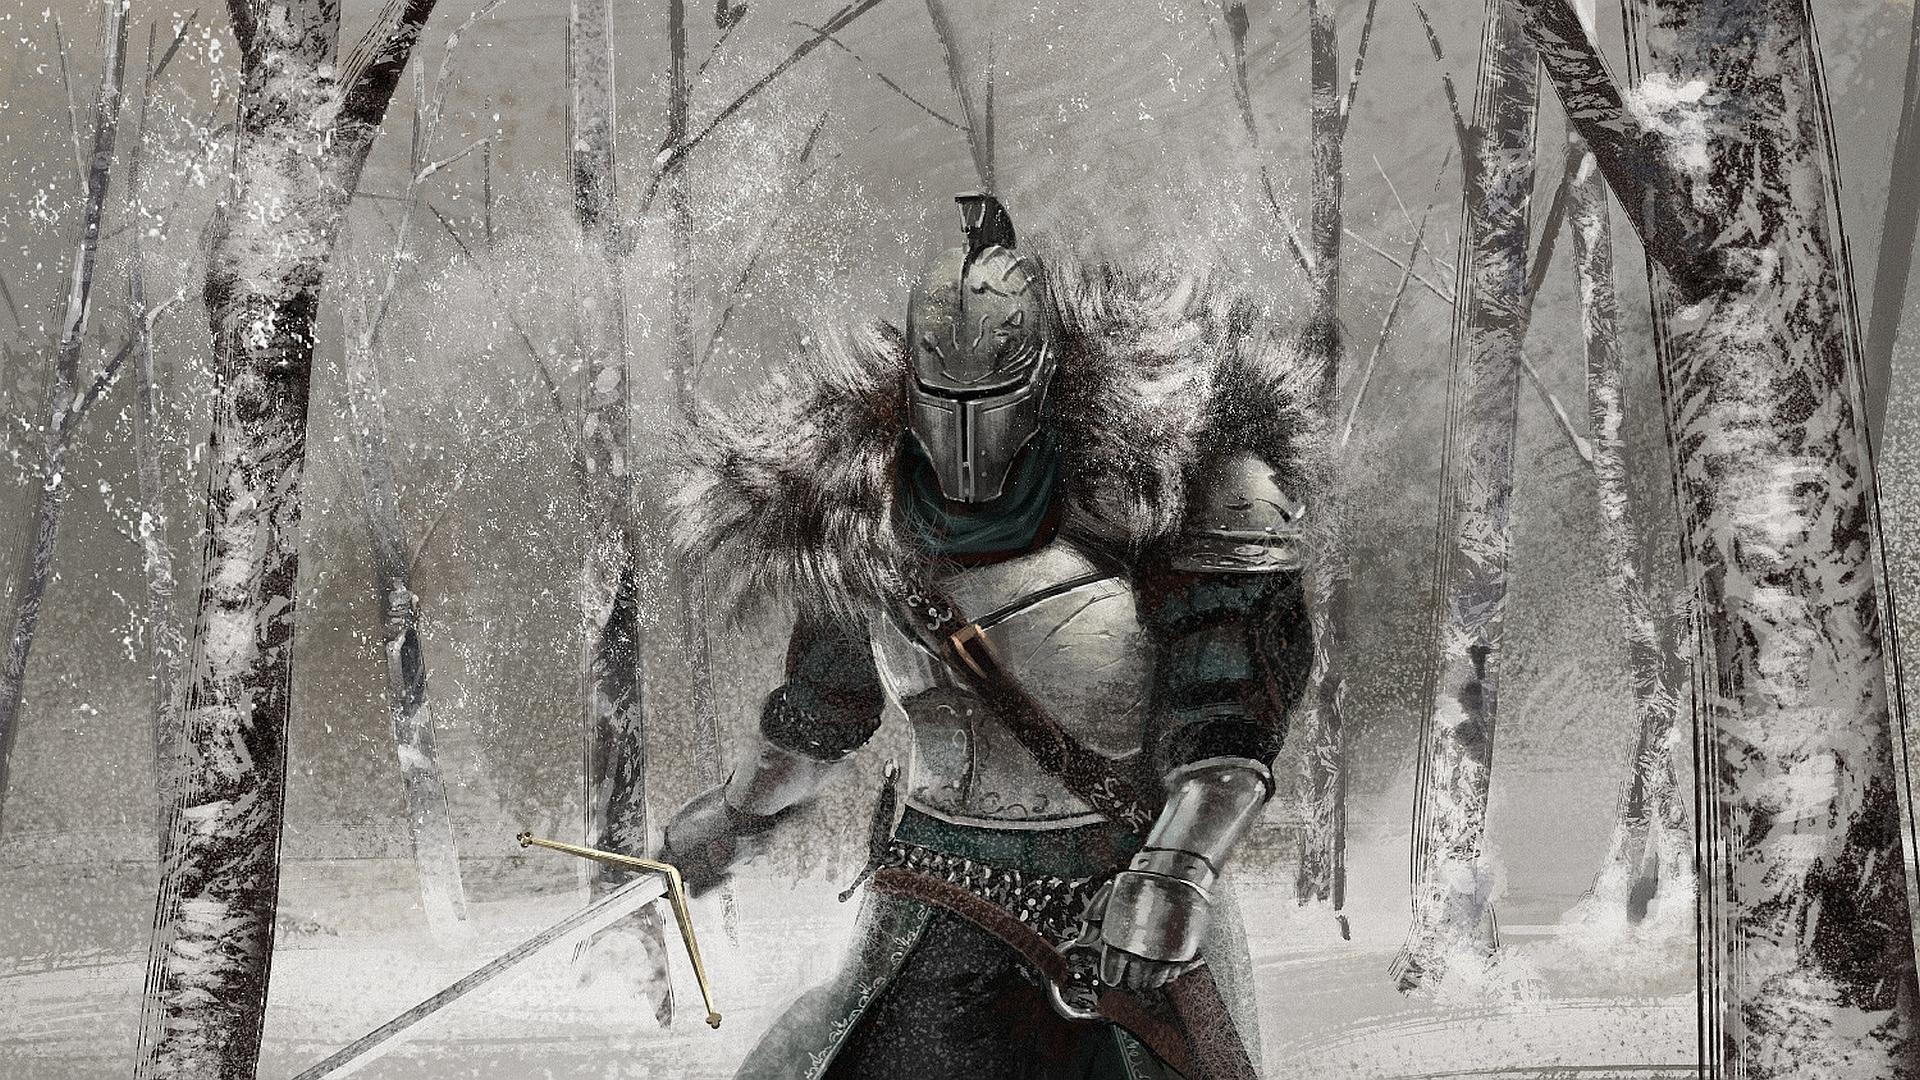 Wallpaper Dark Souls Armor Swords Knight Helmet 2 Fantasy 1920x1080